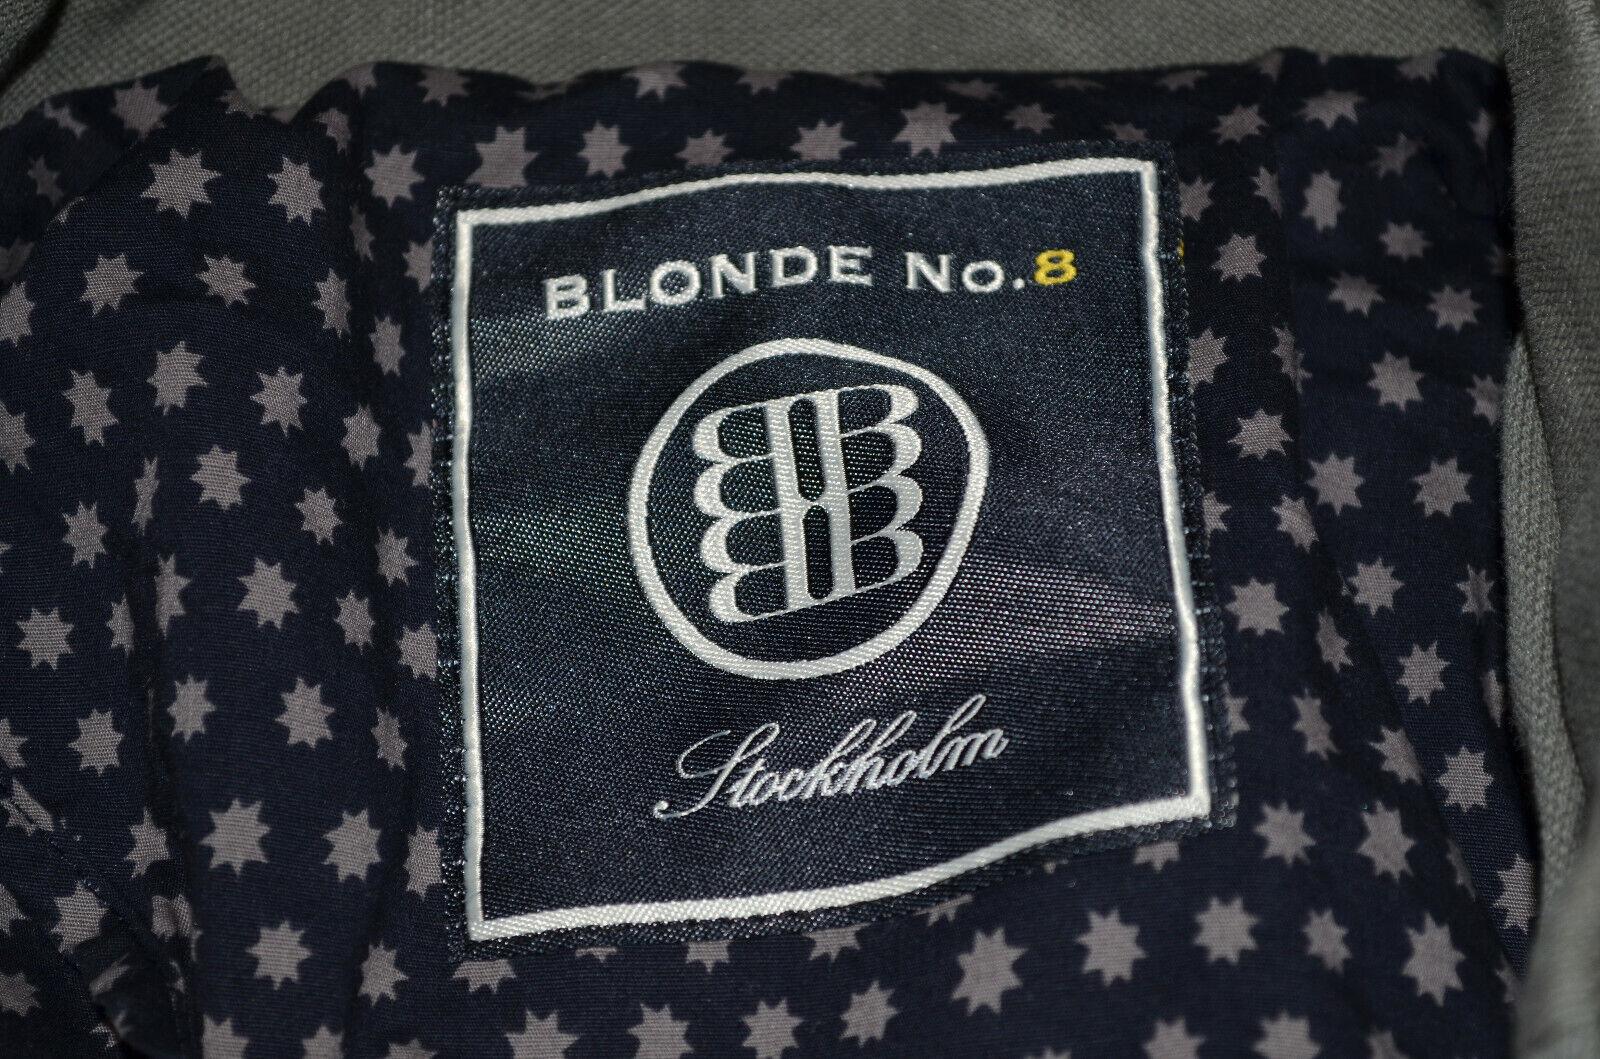 Blond Nr 8 Stockholm